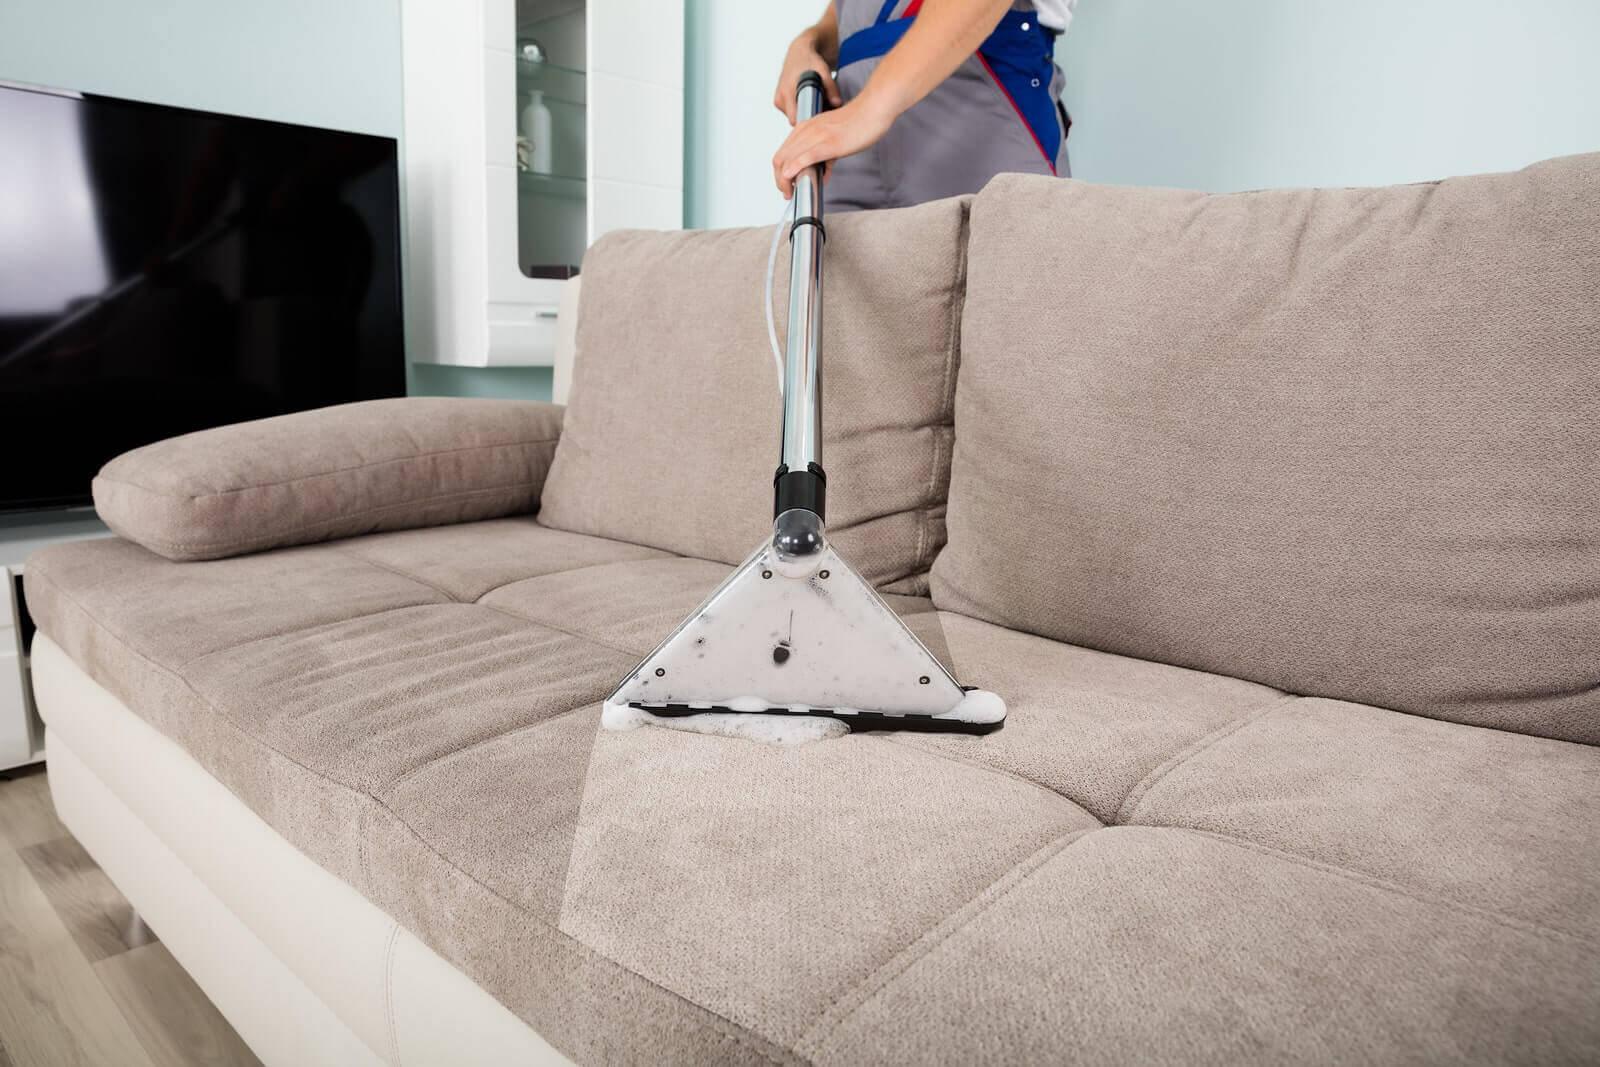 5 טיפים - איך לנקות את הספה ולהסיר כתמים